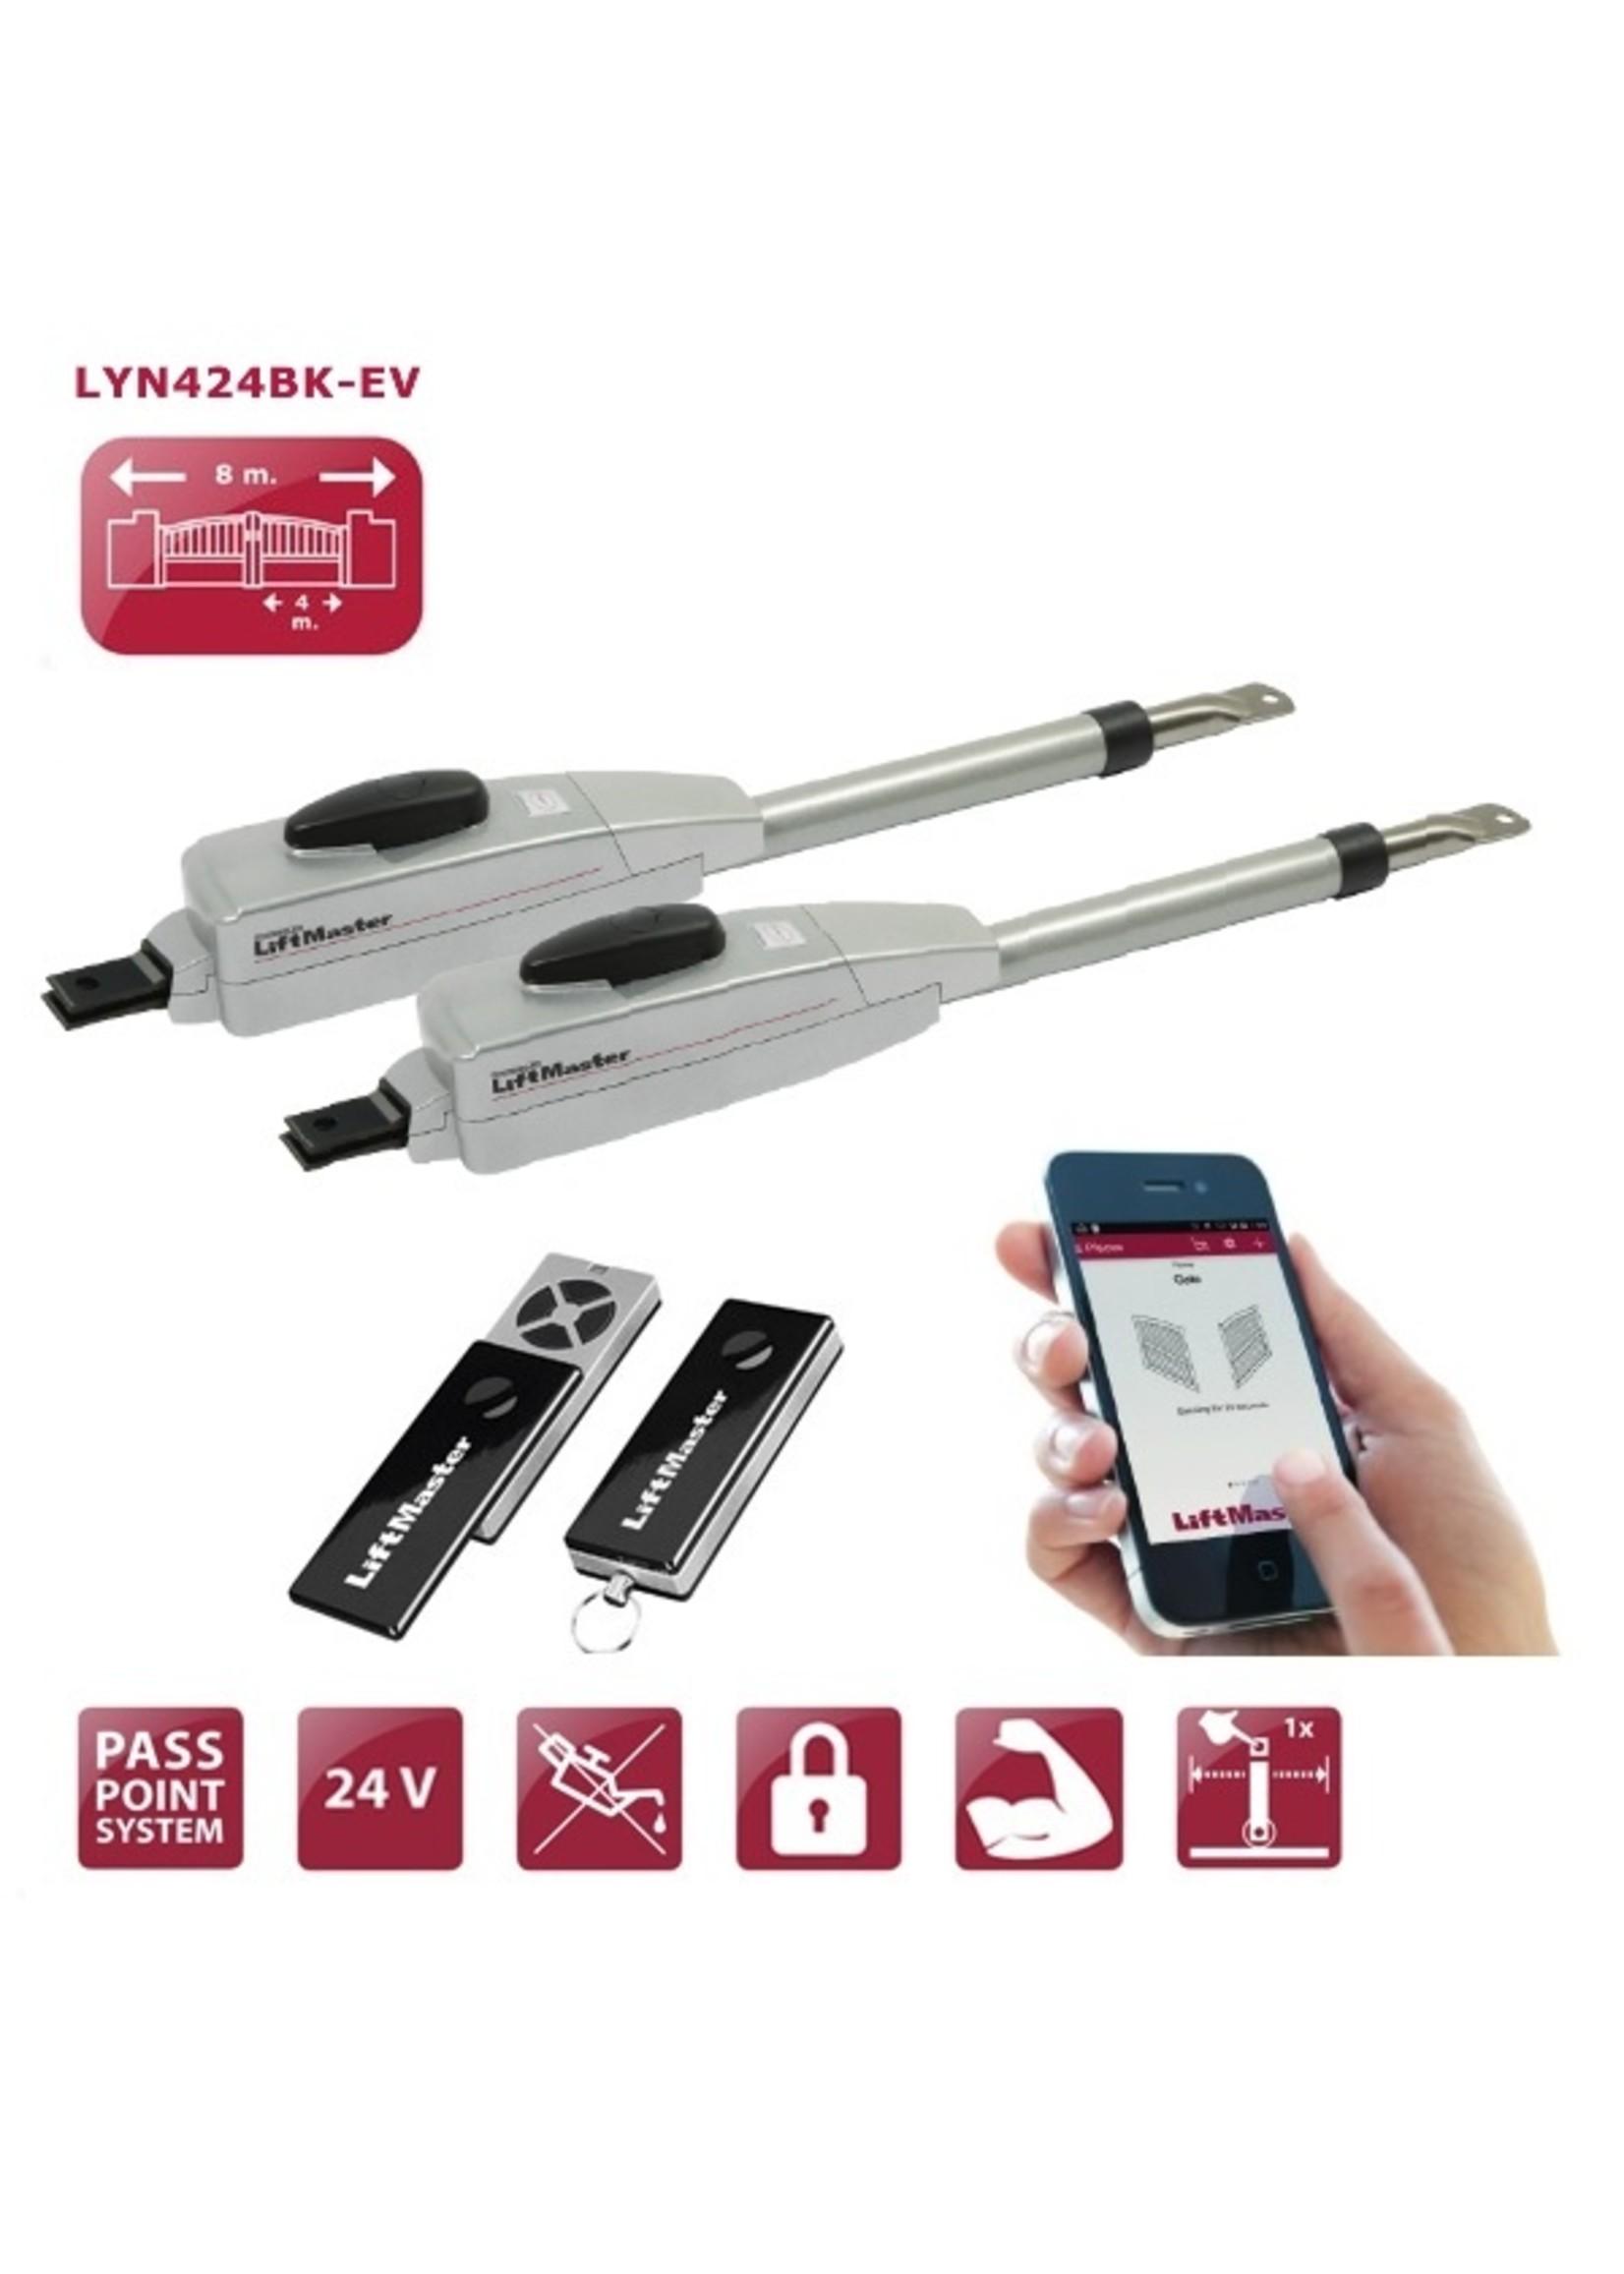 Liftmaster LYN424BK-EV Poortopener kit voor grote vleugelpoorten LYN400-24